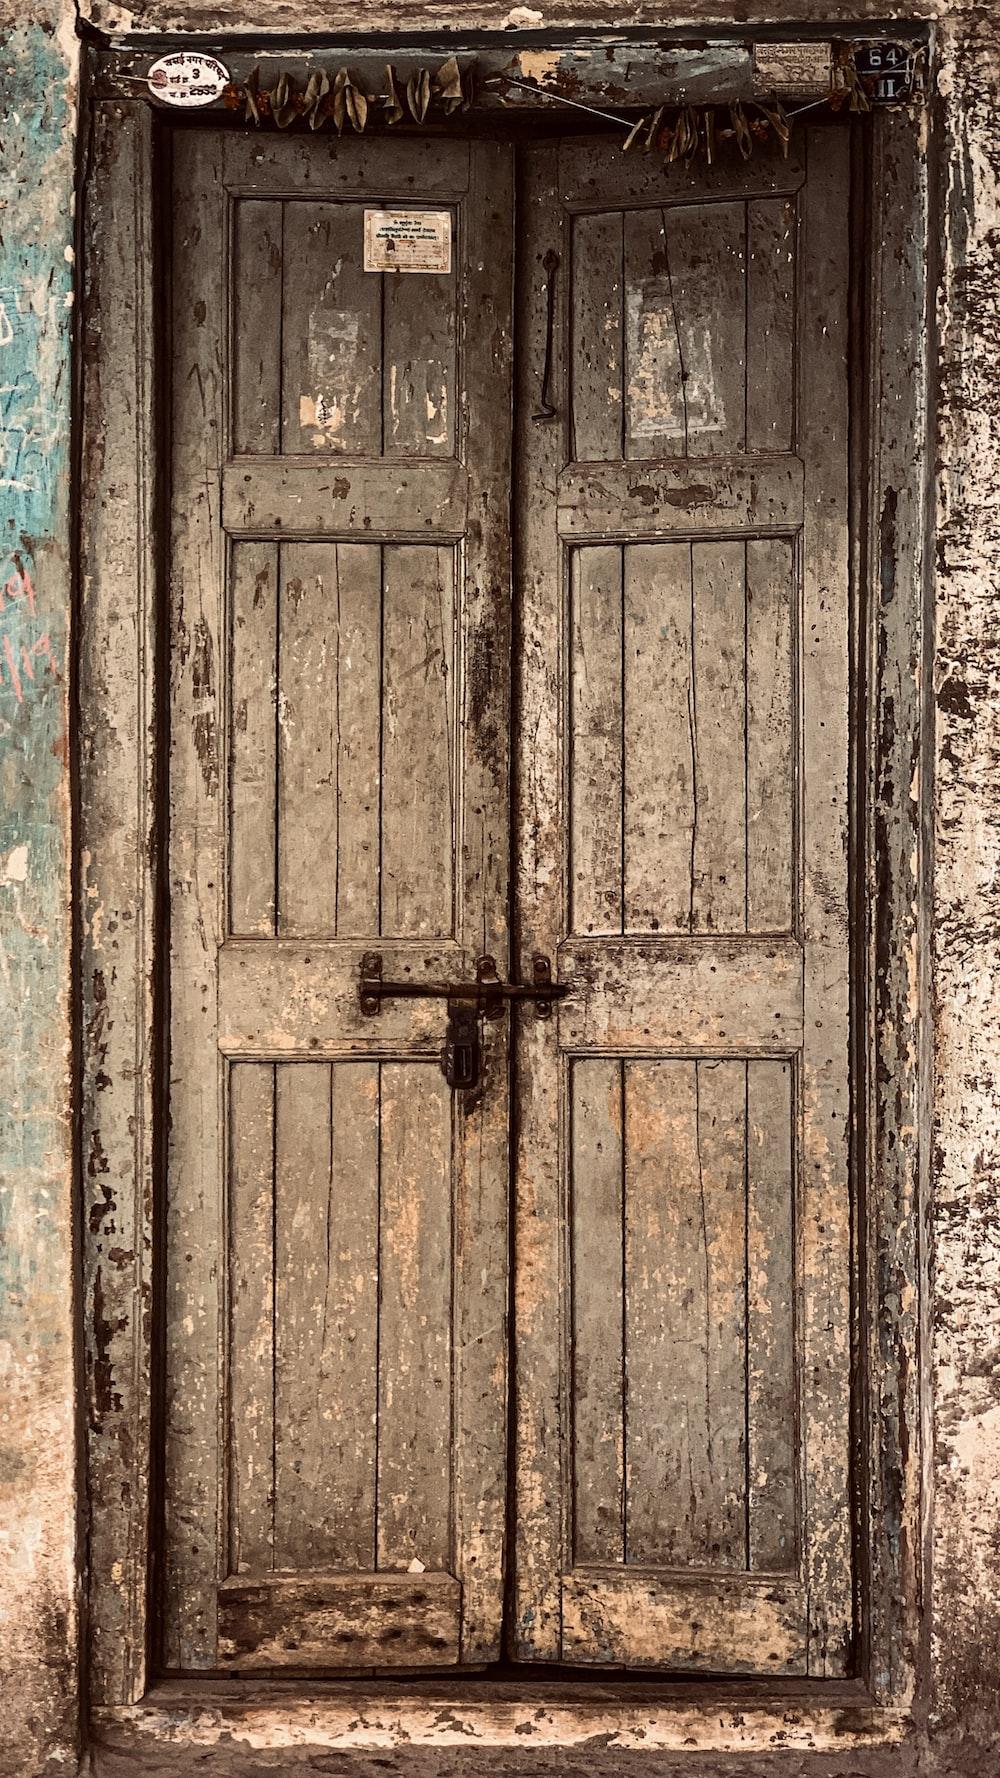 brown wooden door with cross